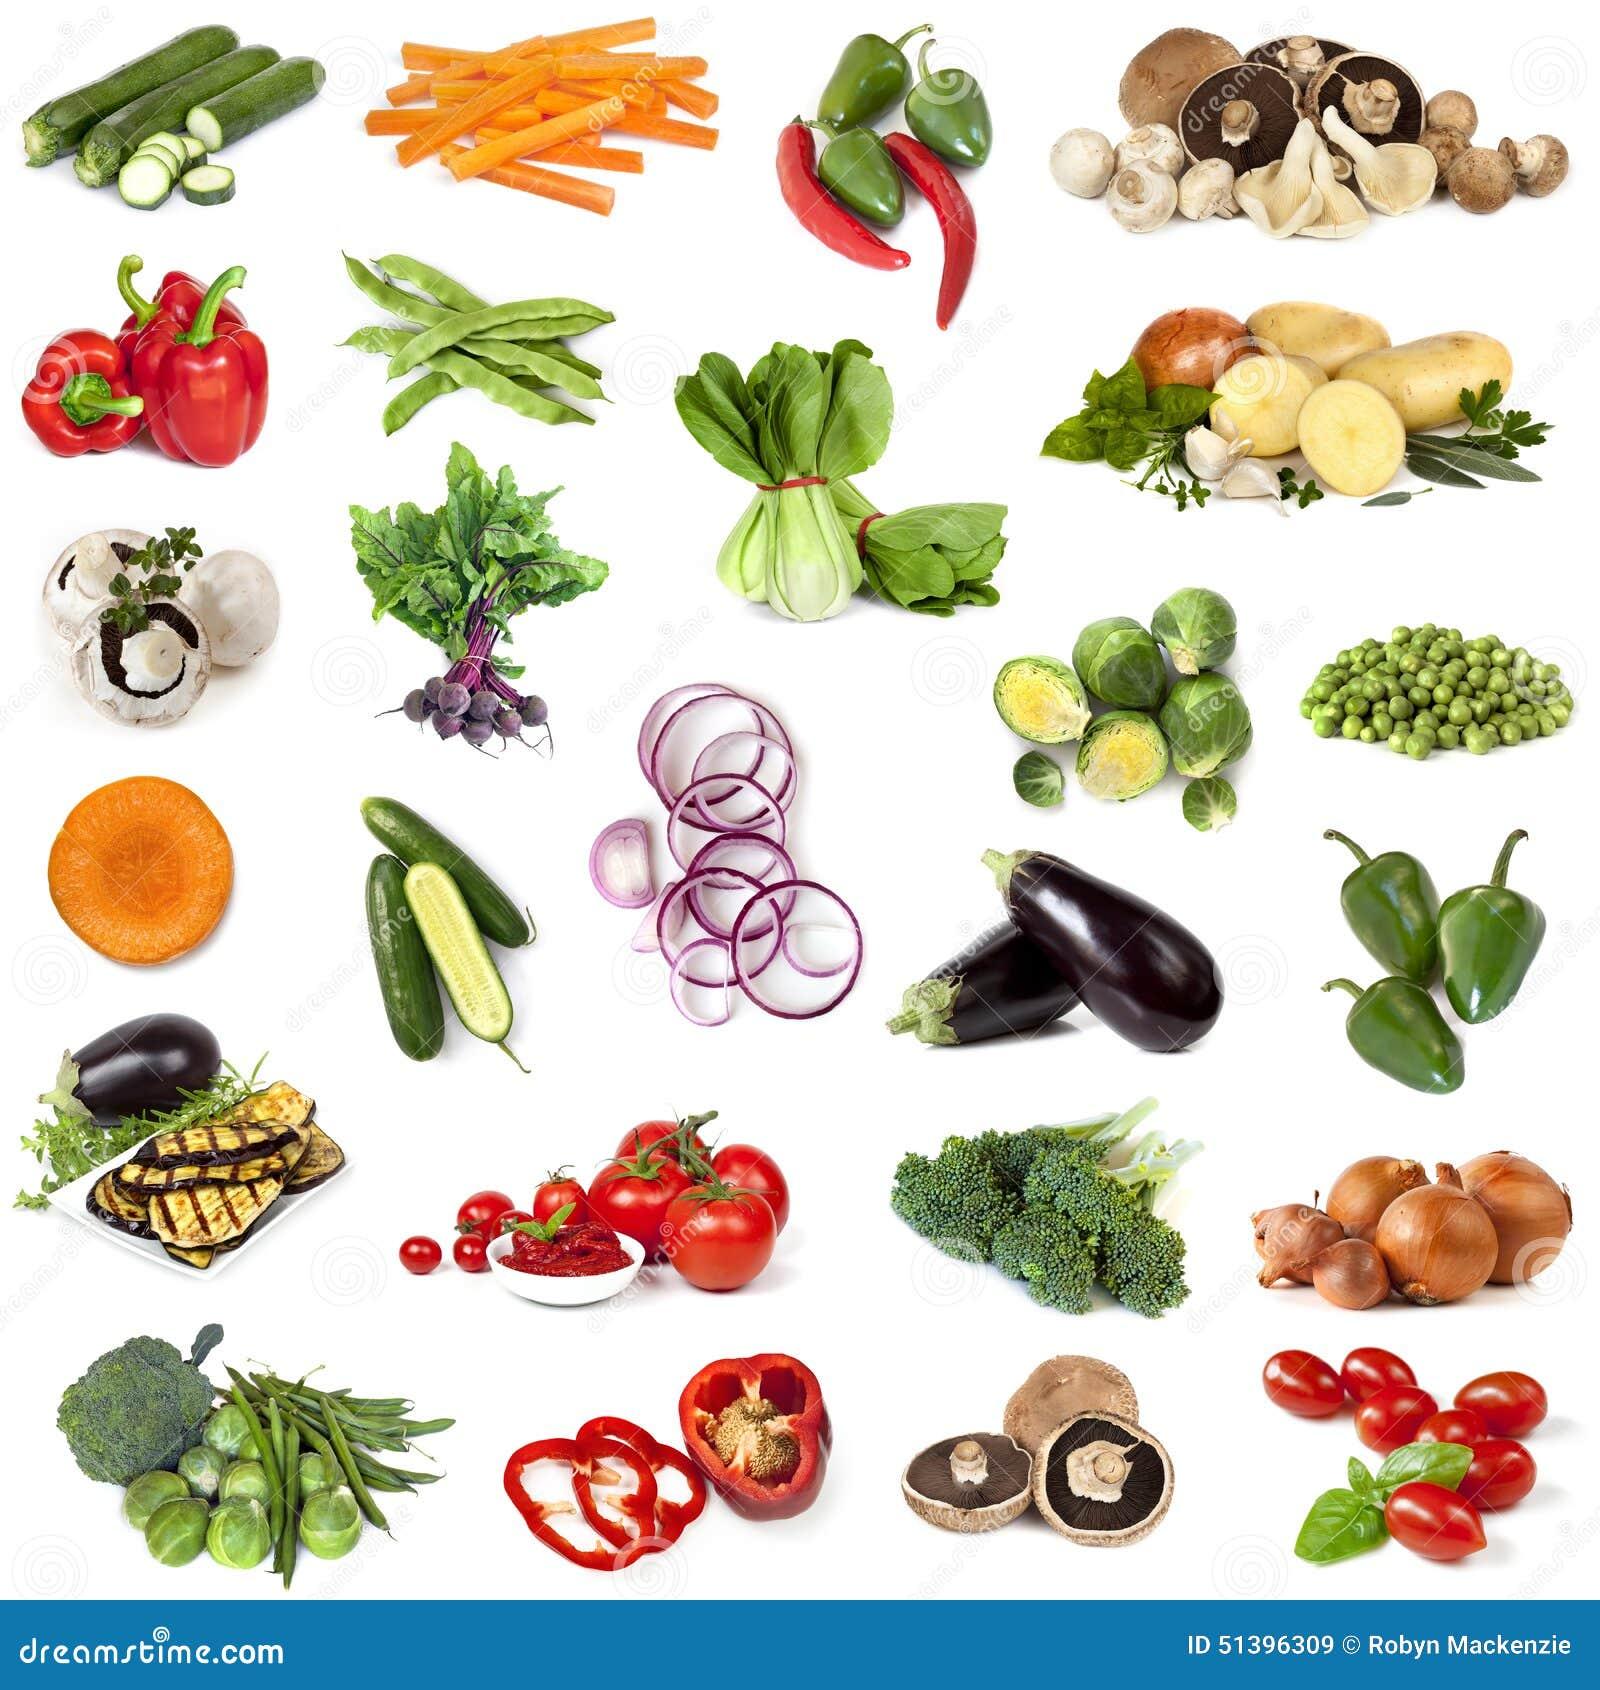 collage de la comida de las verduras foto de archivo imagen 51396309. Black Bedroom Furniture Sets. Home Design Ideas